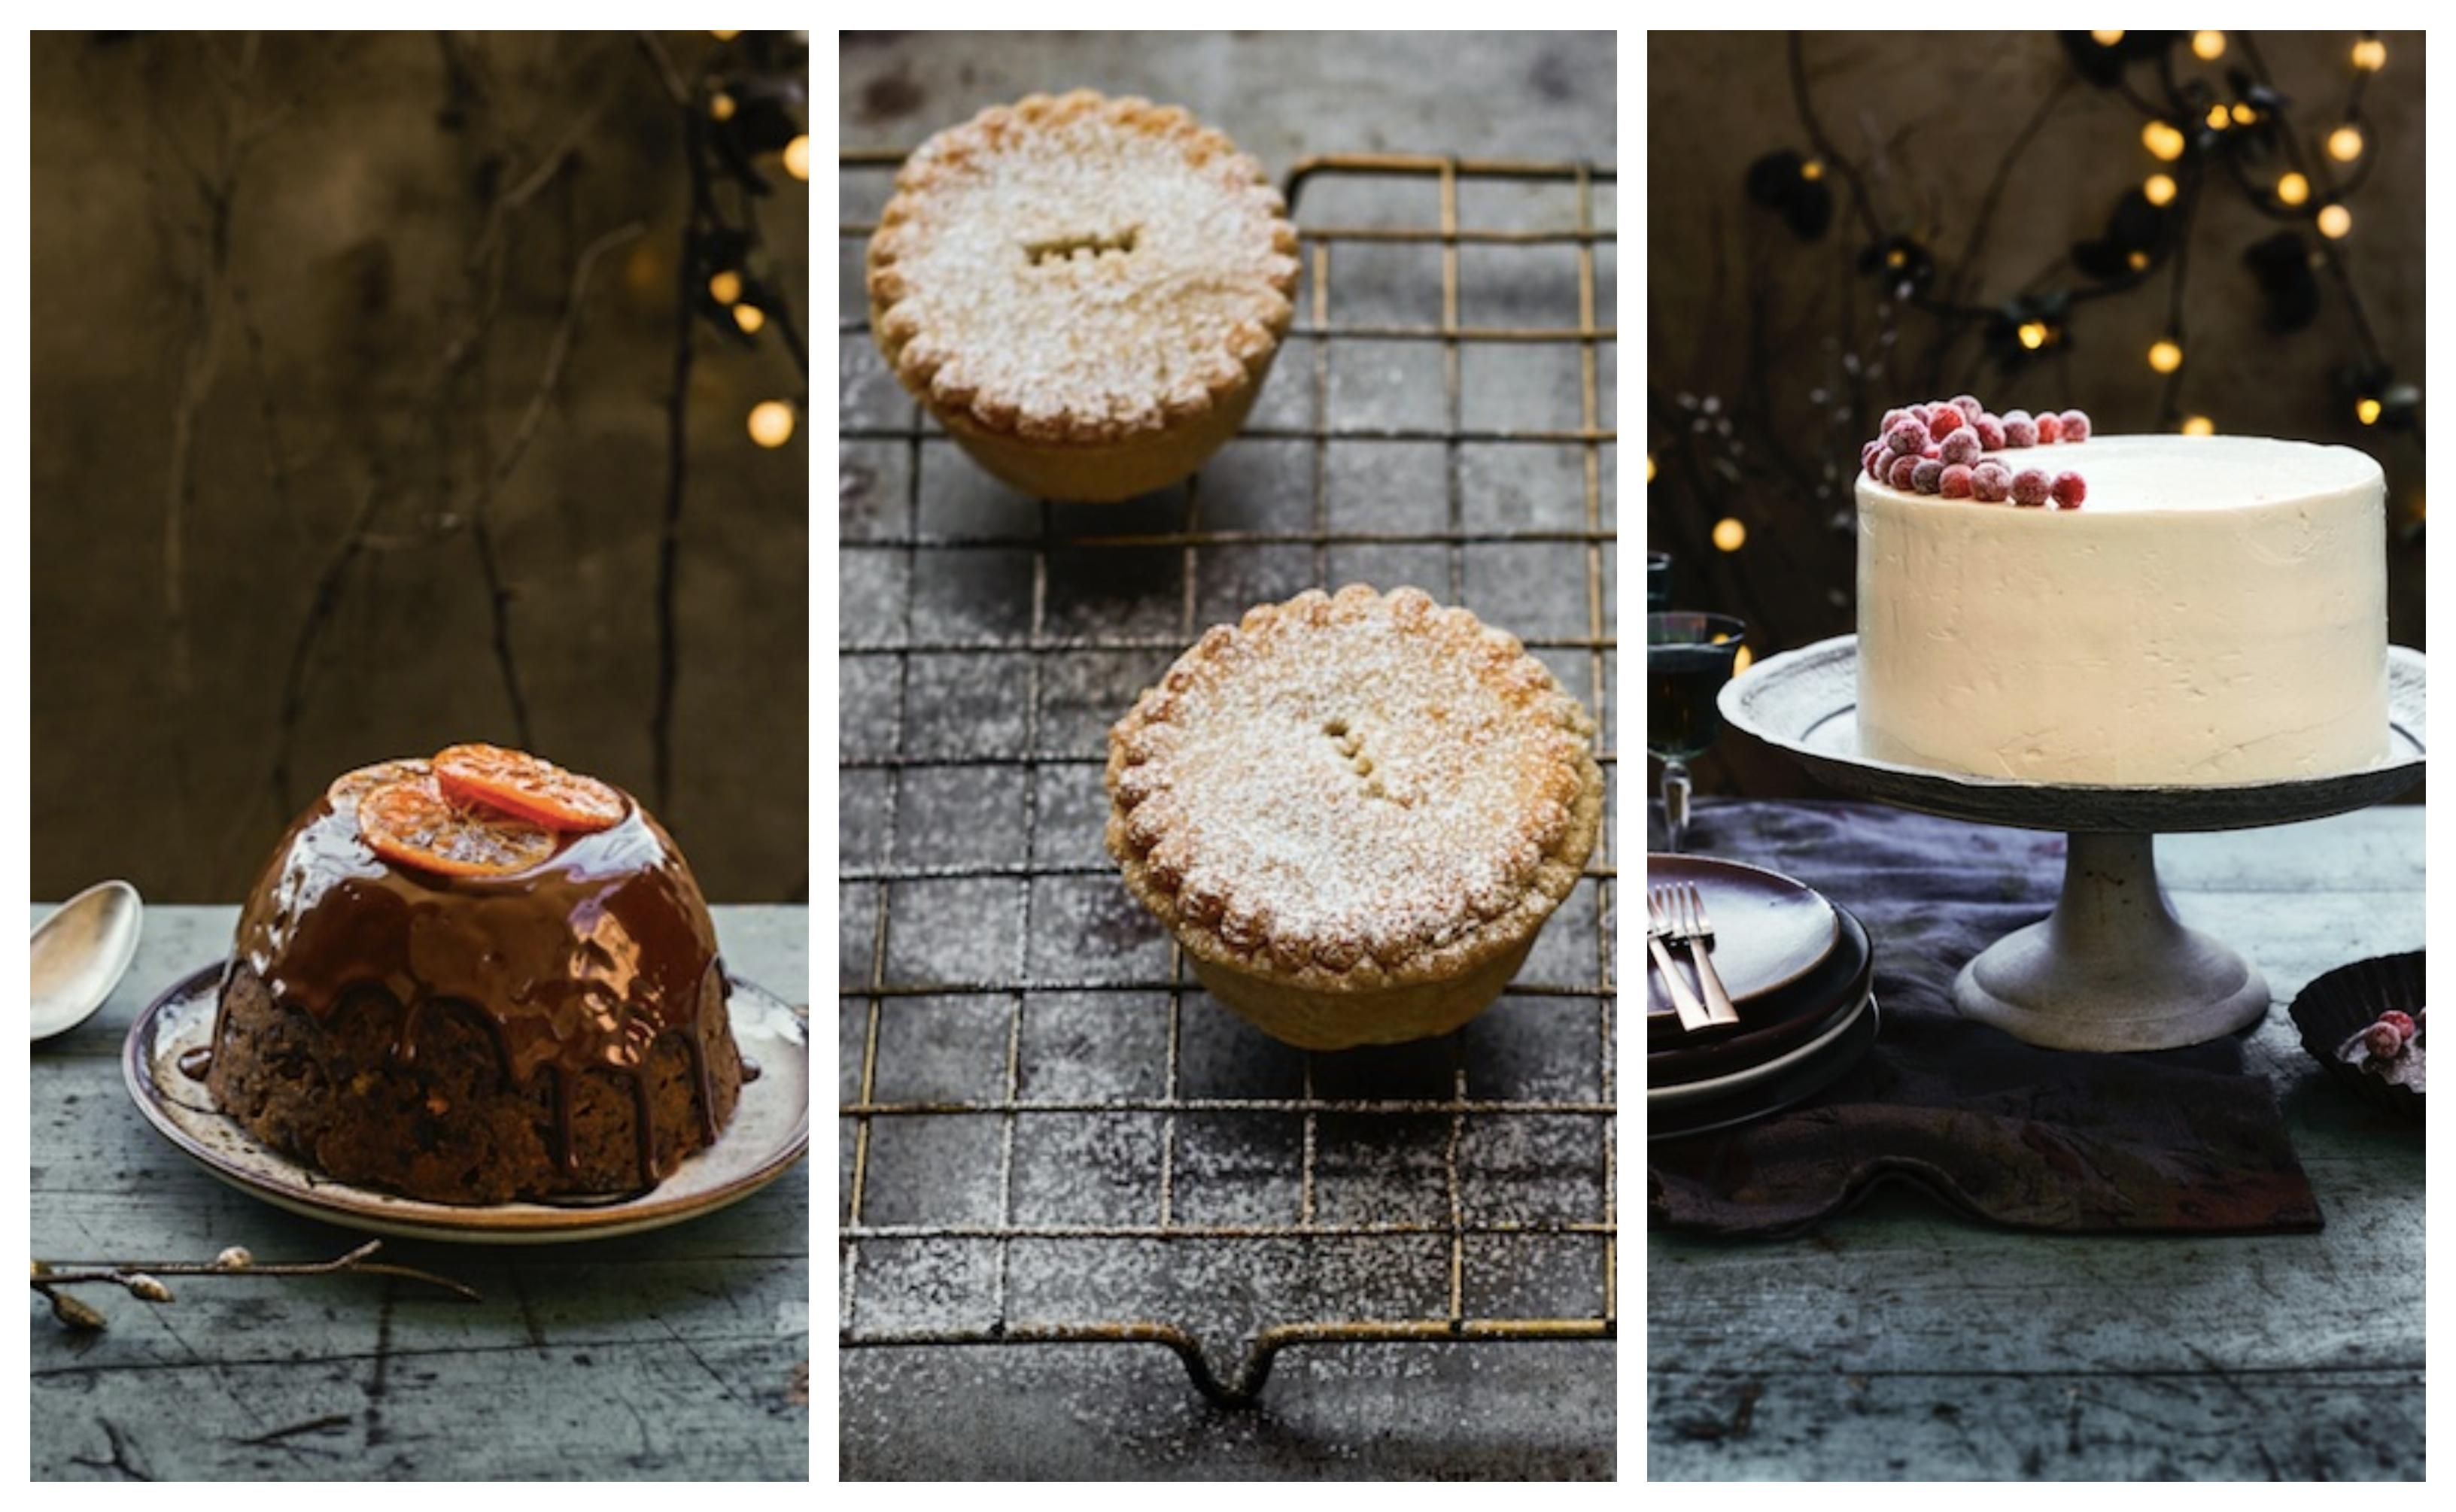 Recipes and images courtesy of Waitrose